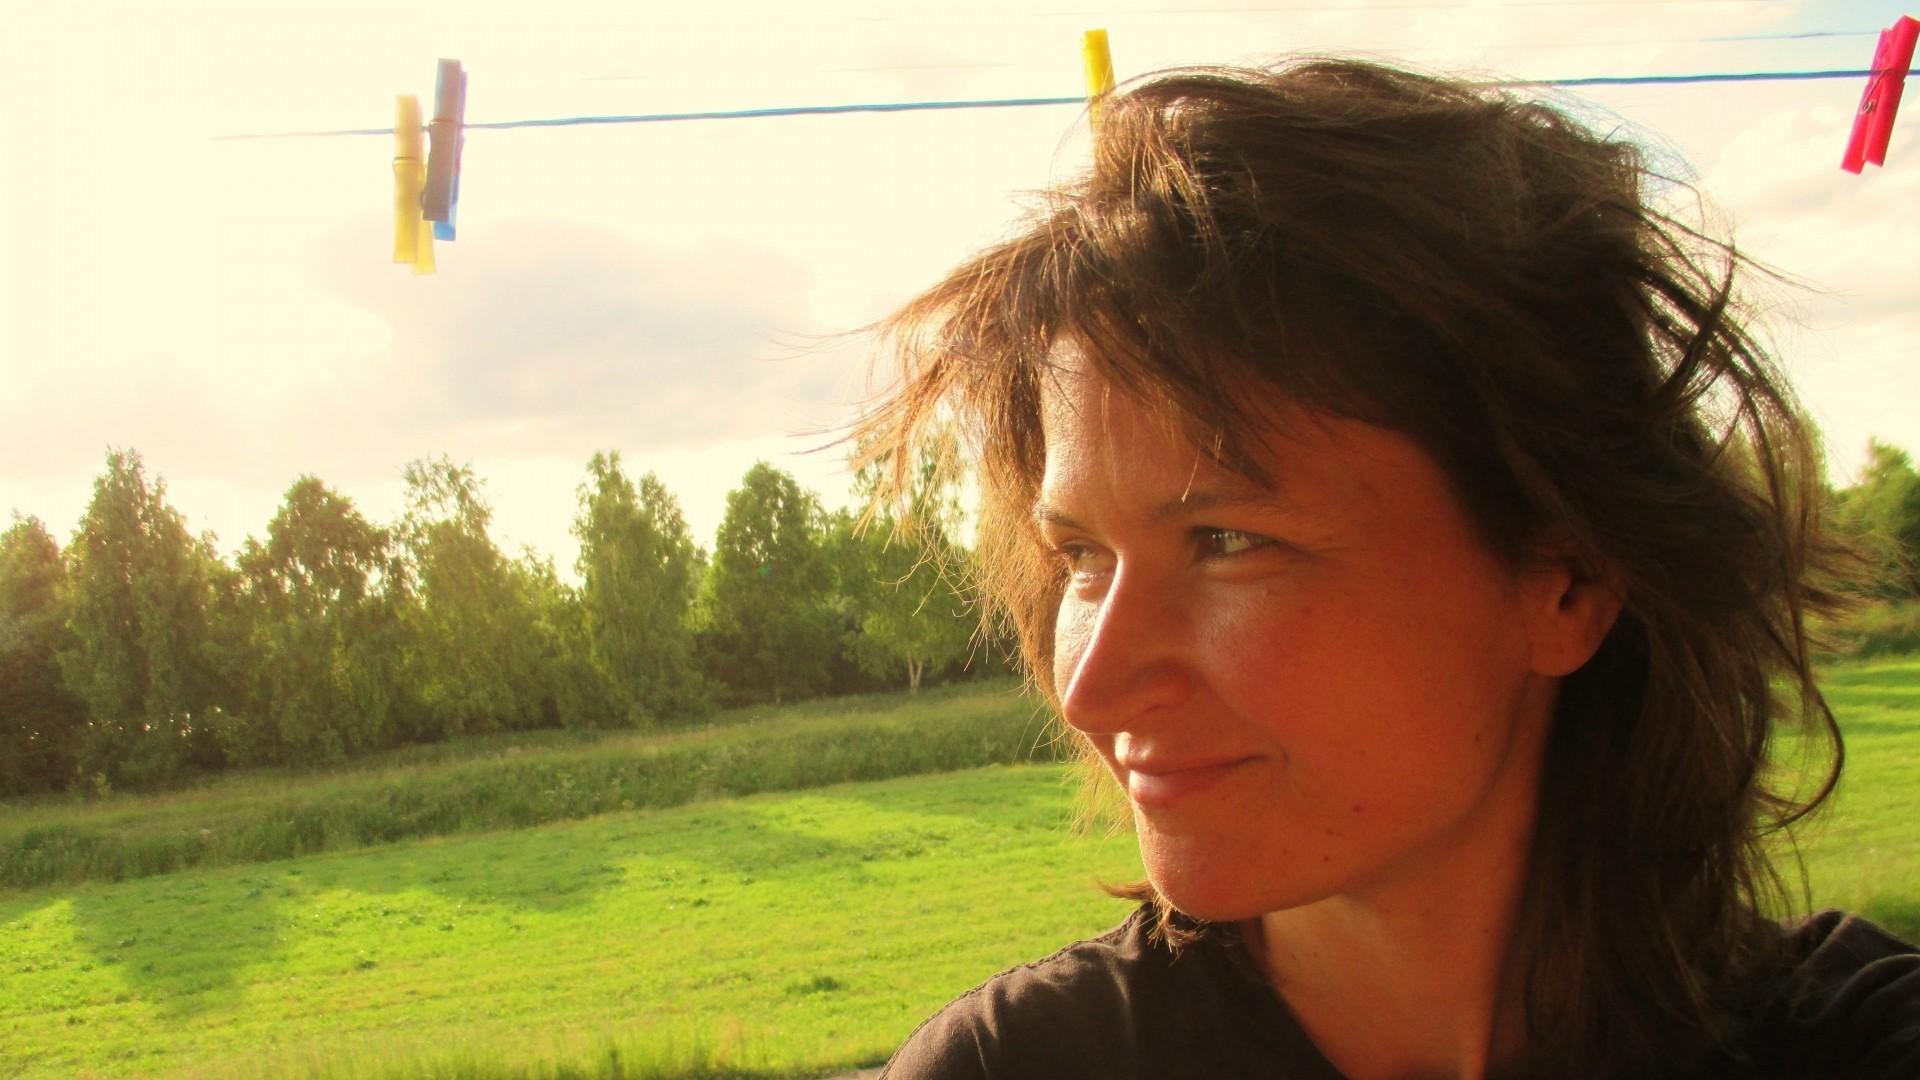 Писатель Дарья Варденбург: «Герой хорошей книги должен быть интересным и вызывающим сочувствие»